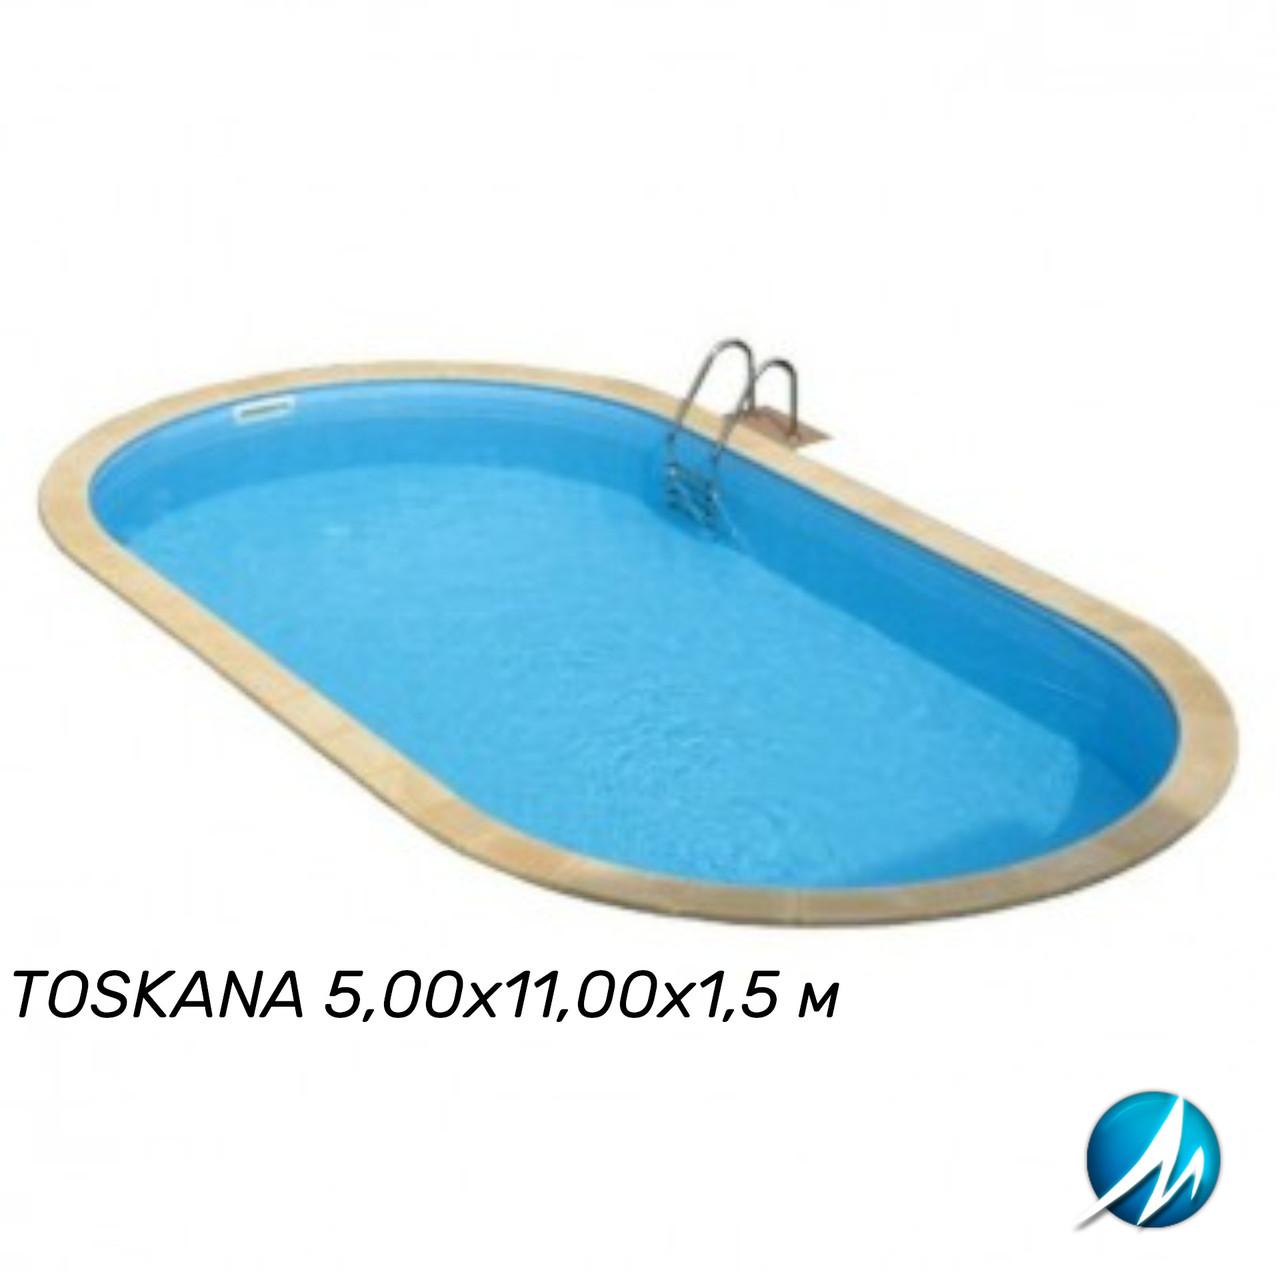 Сборный овальный бассейн TOSKANA 5,00х11,00х1,5 м, пленка 0,6 мм